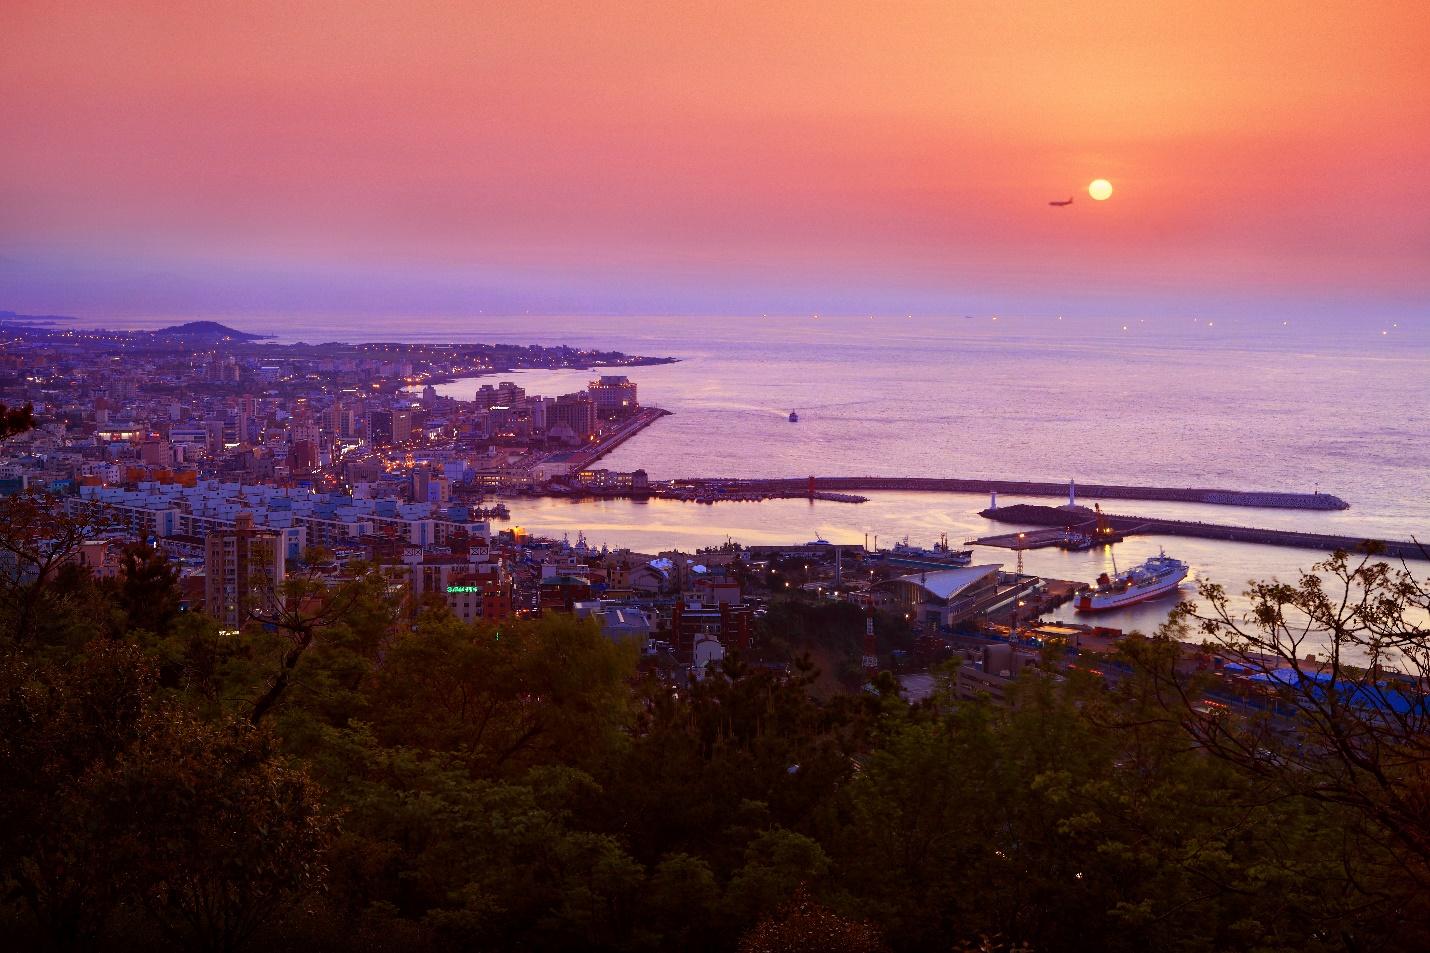 Hè rực rỡ - Đừng quên cẩm nang này khi du lịch Hàn Quốc - Ảnh 4.